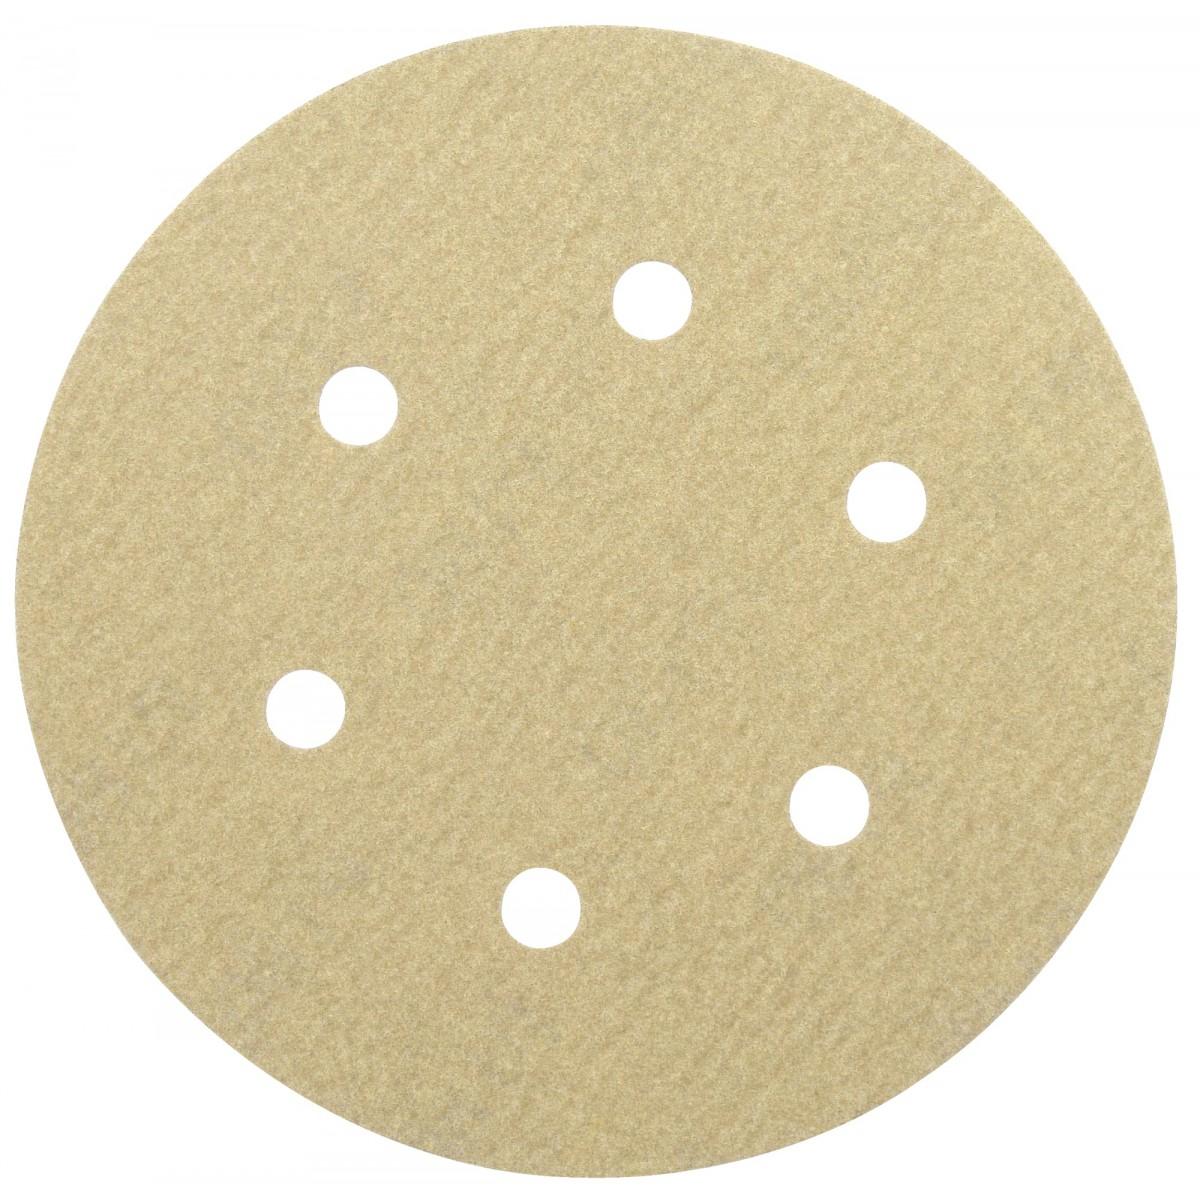 Disque auto-agrippant diamètre 150 mm 6 trous SCID - Grain 180 - Diamètre 150 mm - Vendu par 5